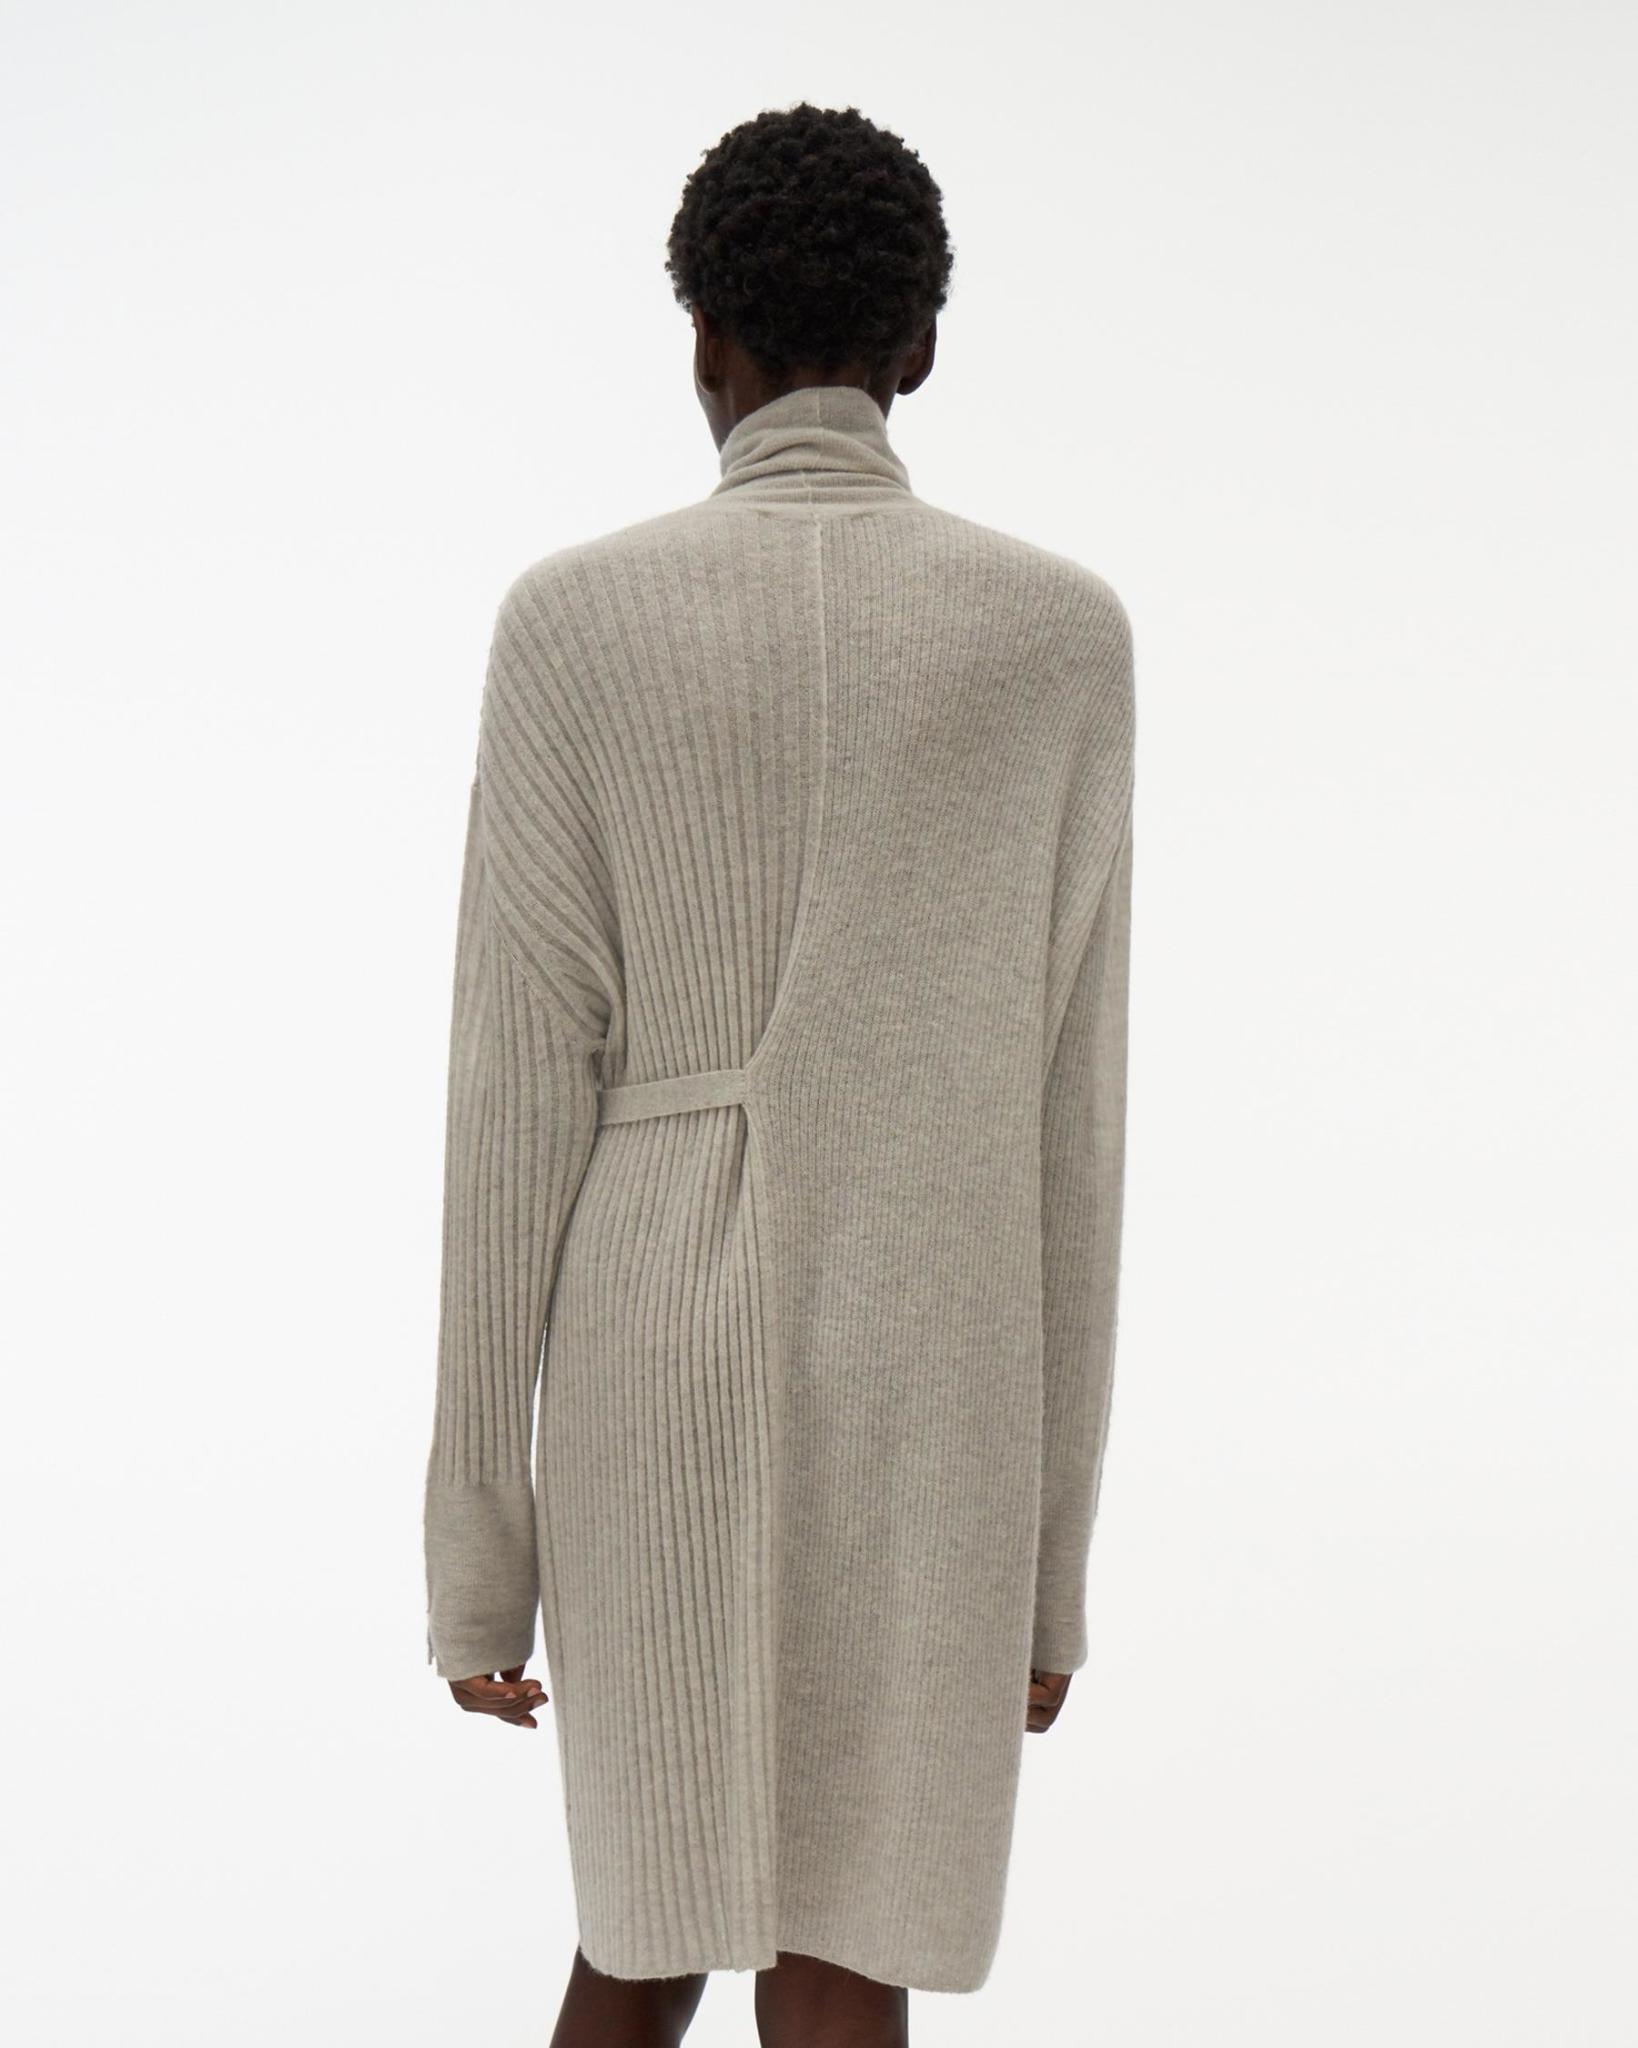 Helmut Lang - Strap tneck sweater